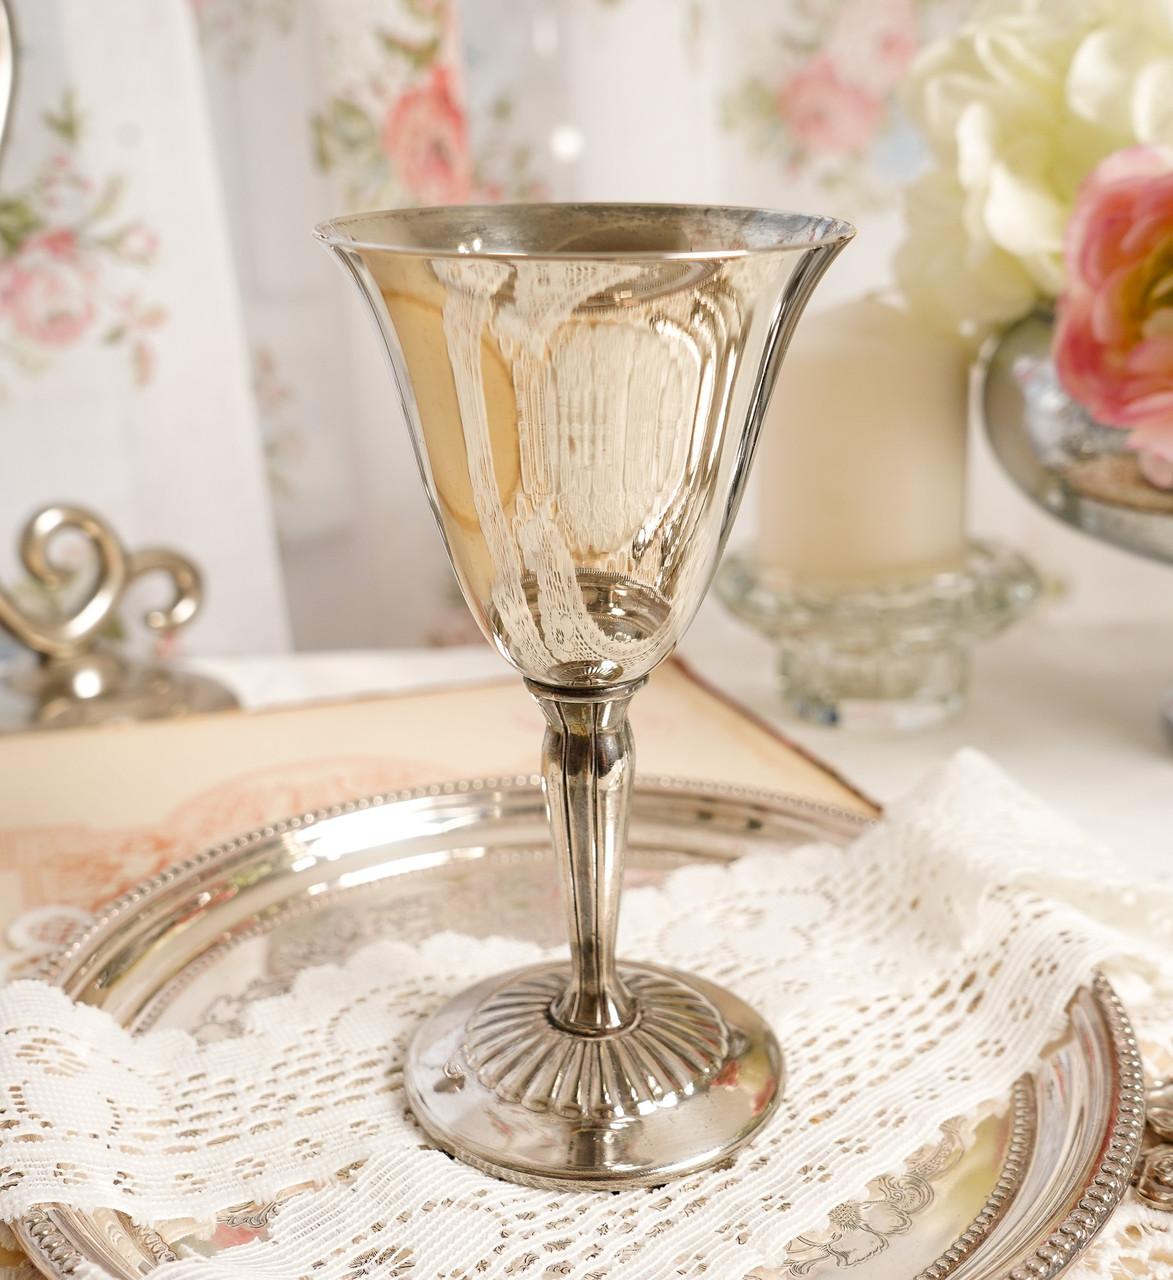 Посеребренный винный бокал, серебрение, мельхиор, Англия, Falstaff SILVER PLATE